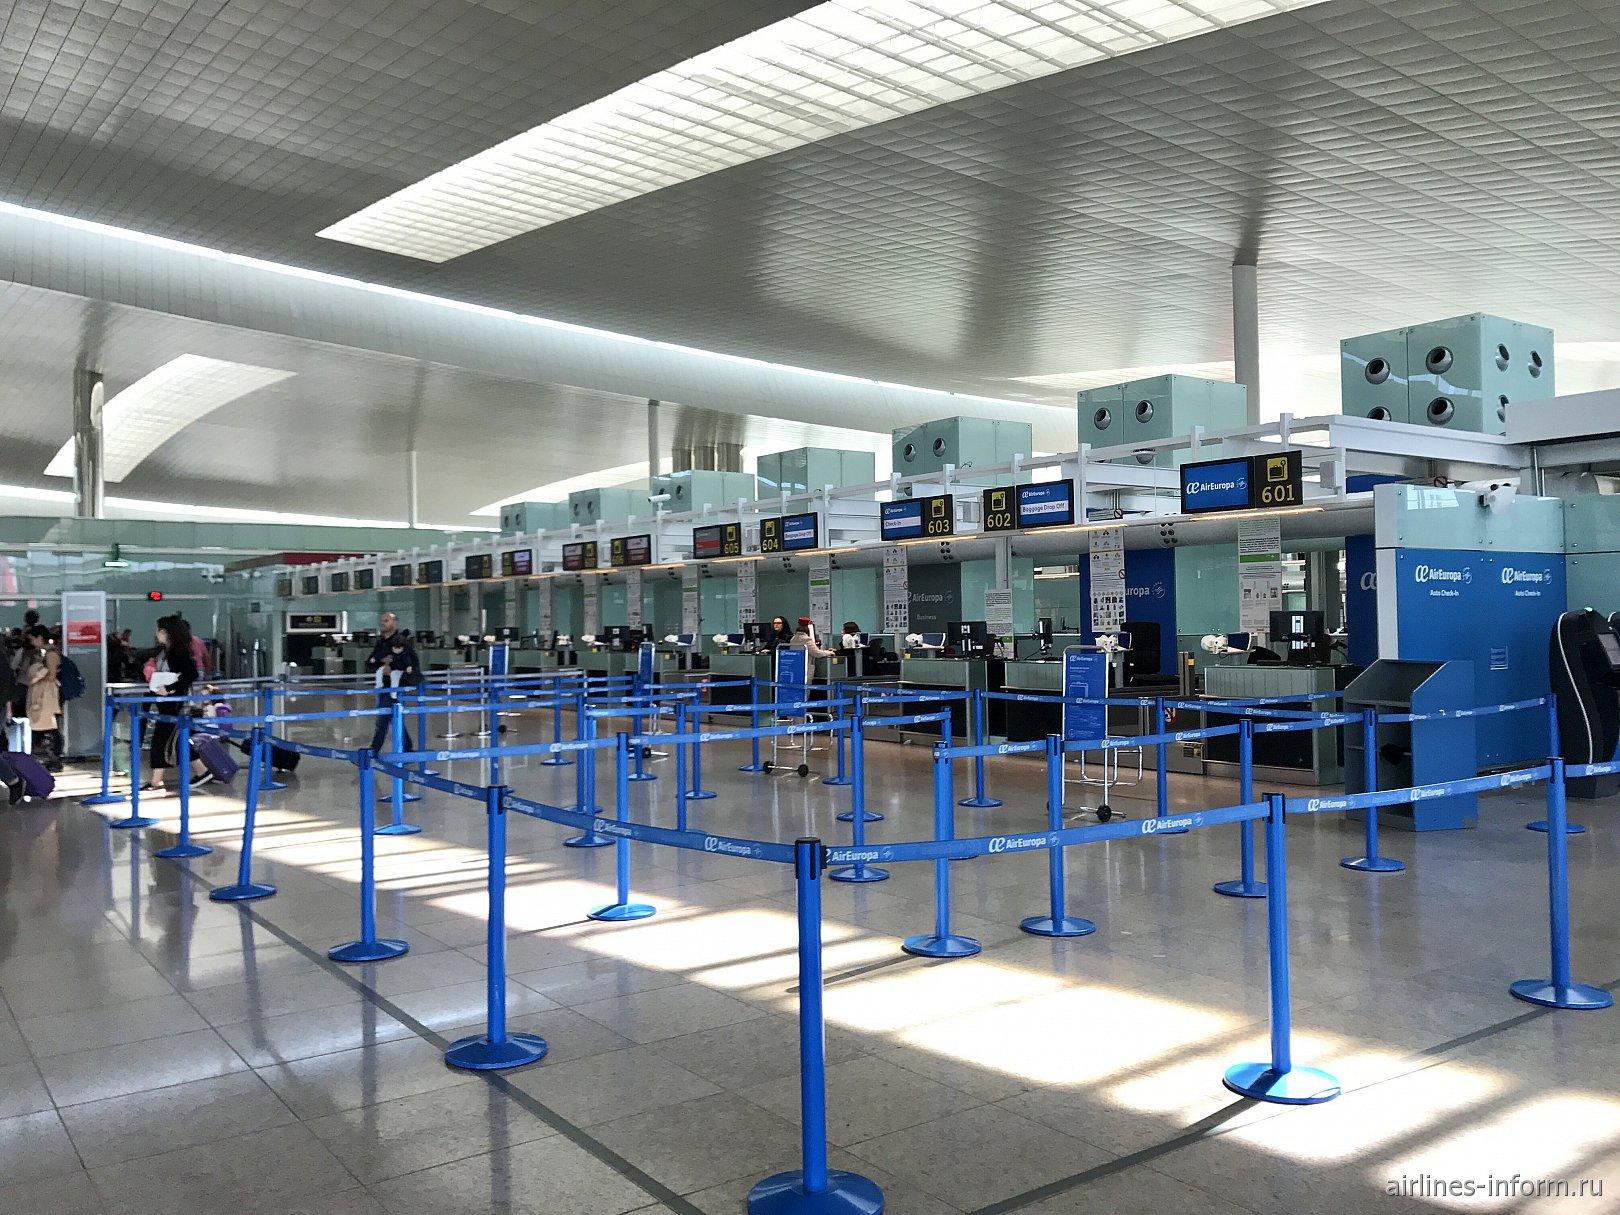 Стойки регистрации авиакомпании Air Europa в аэропорту Барселоны